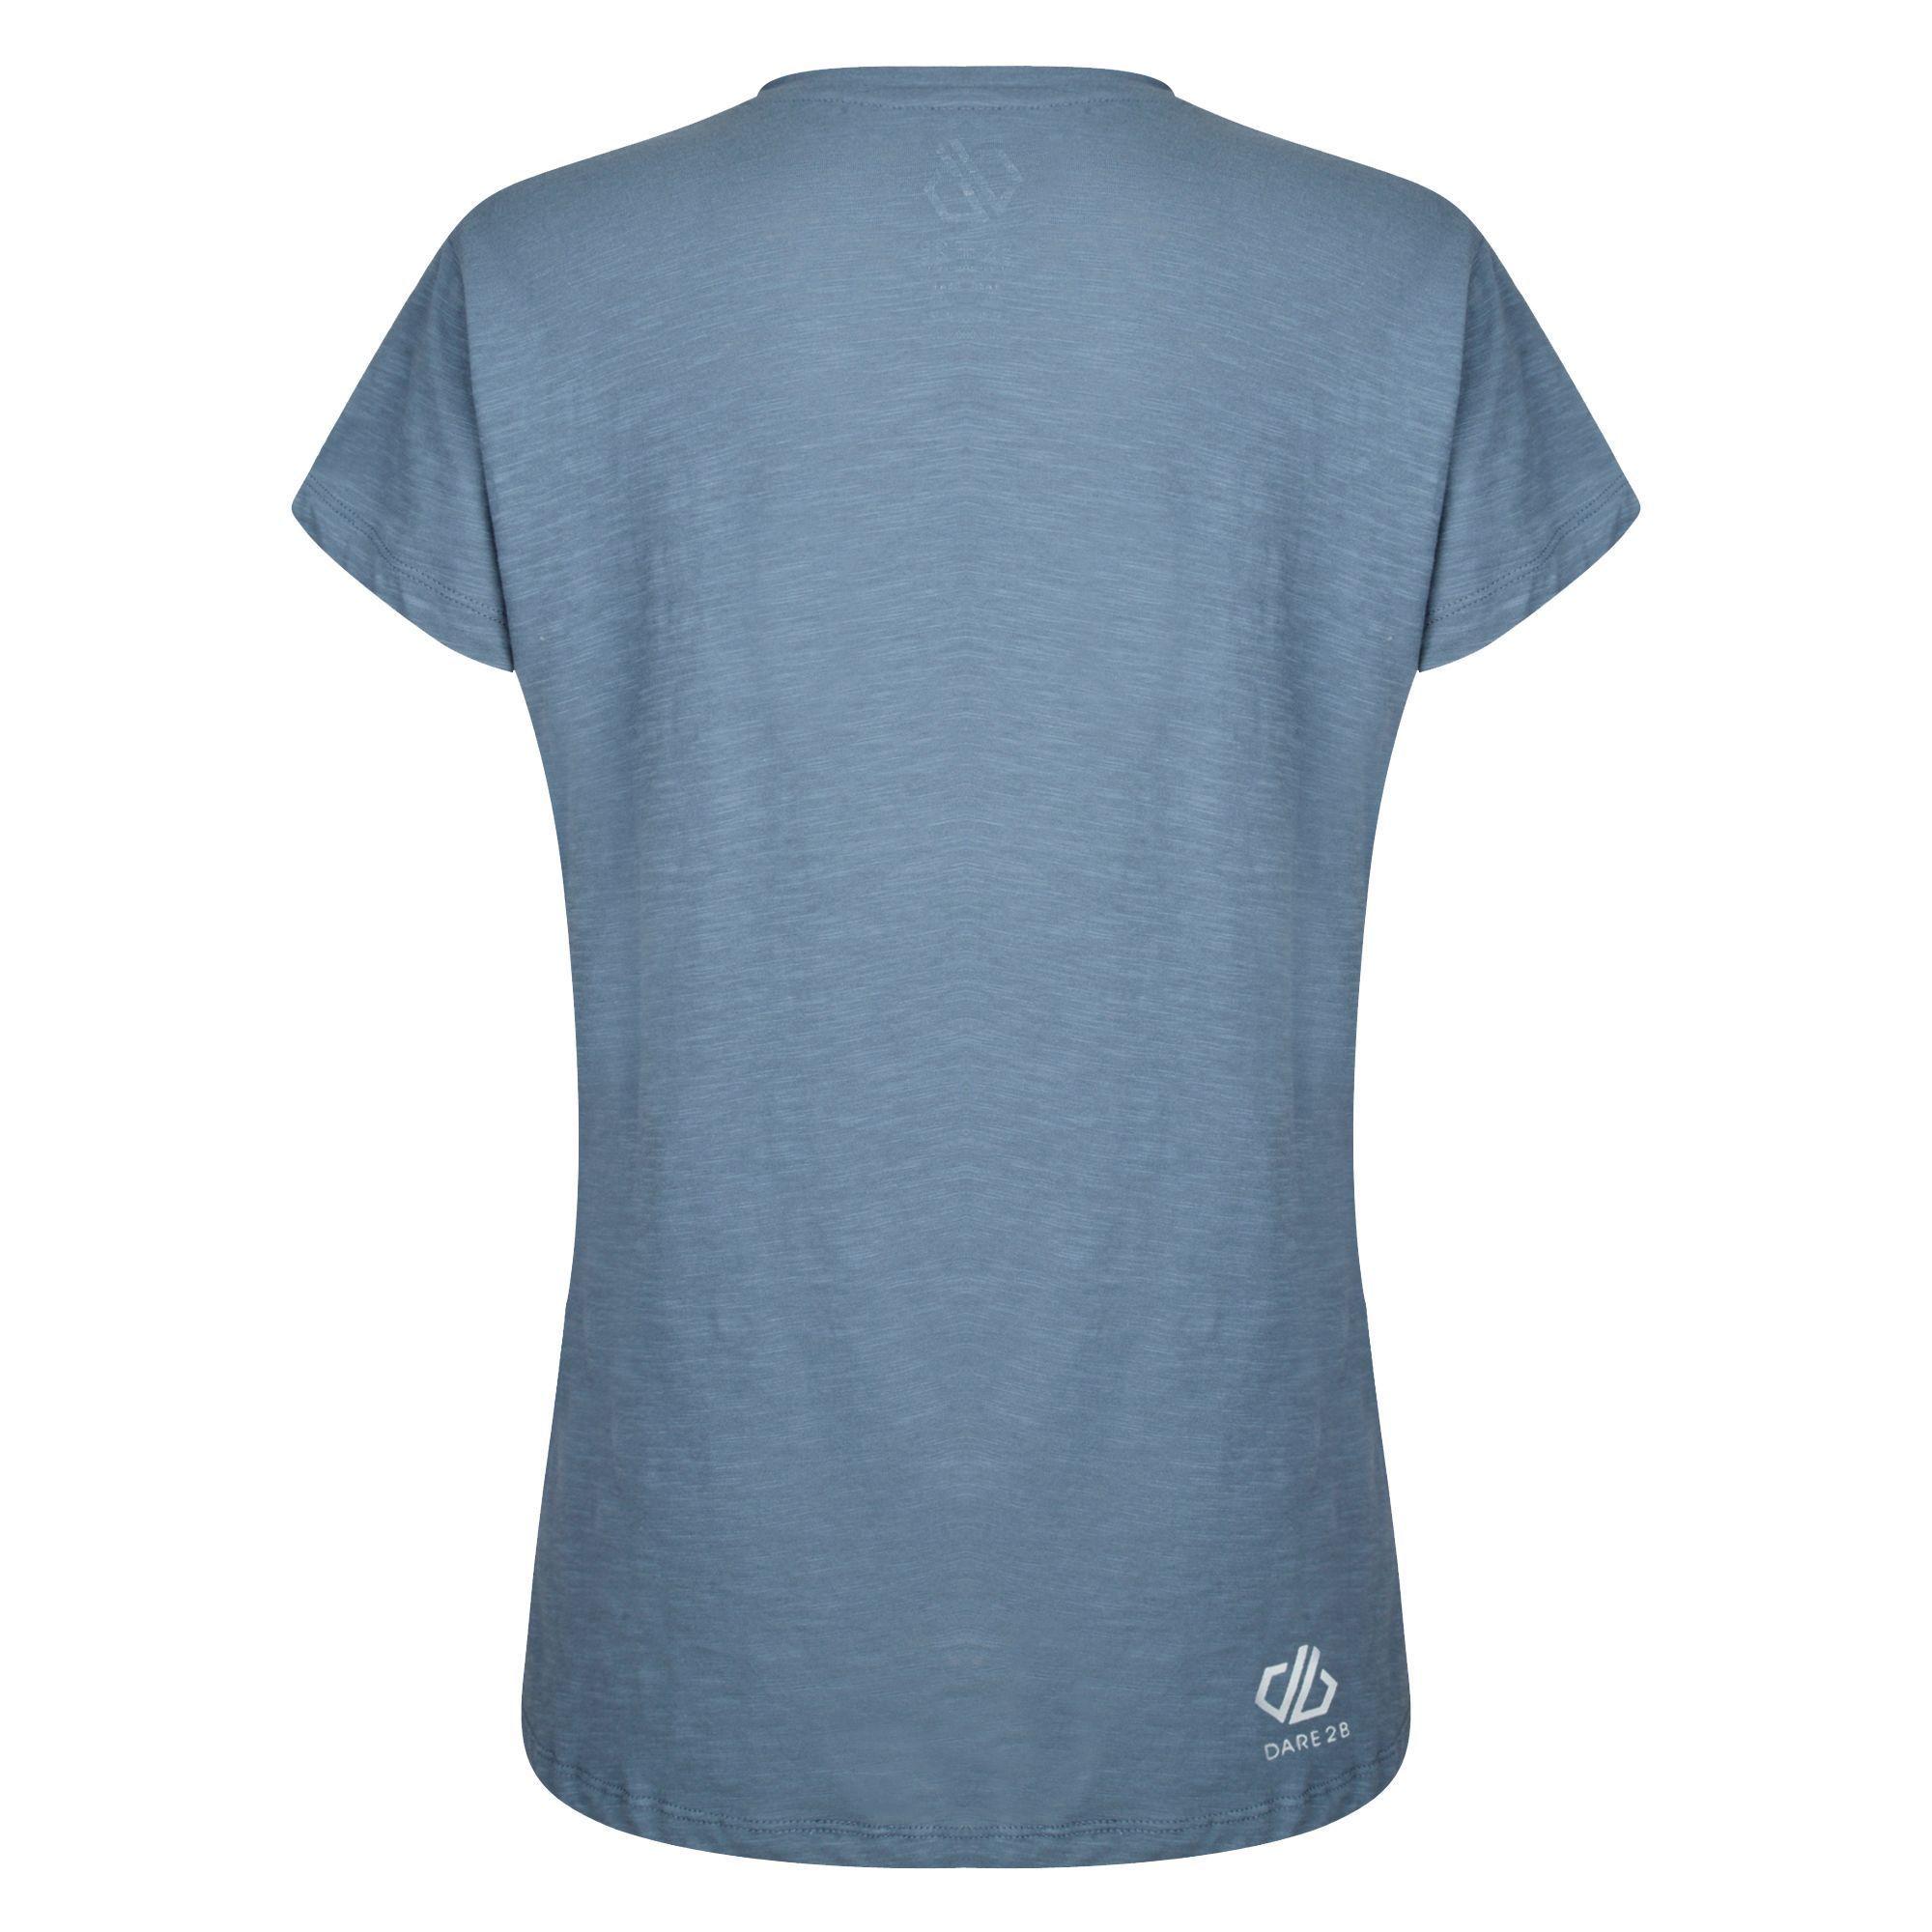 Dare 2B Womens/Ladies Emote Graphic Print T-Shirt